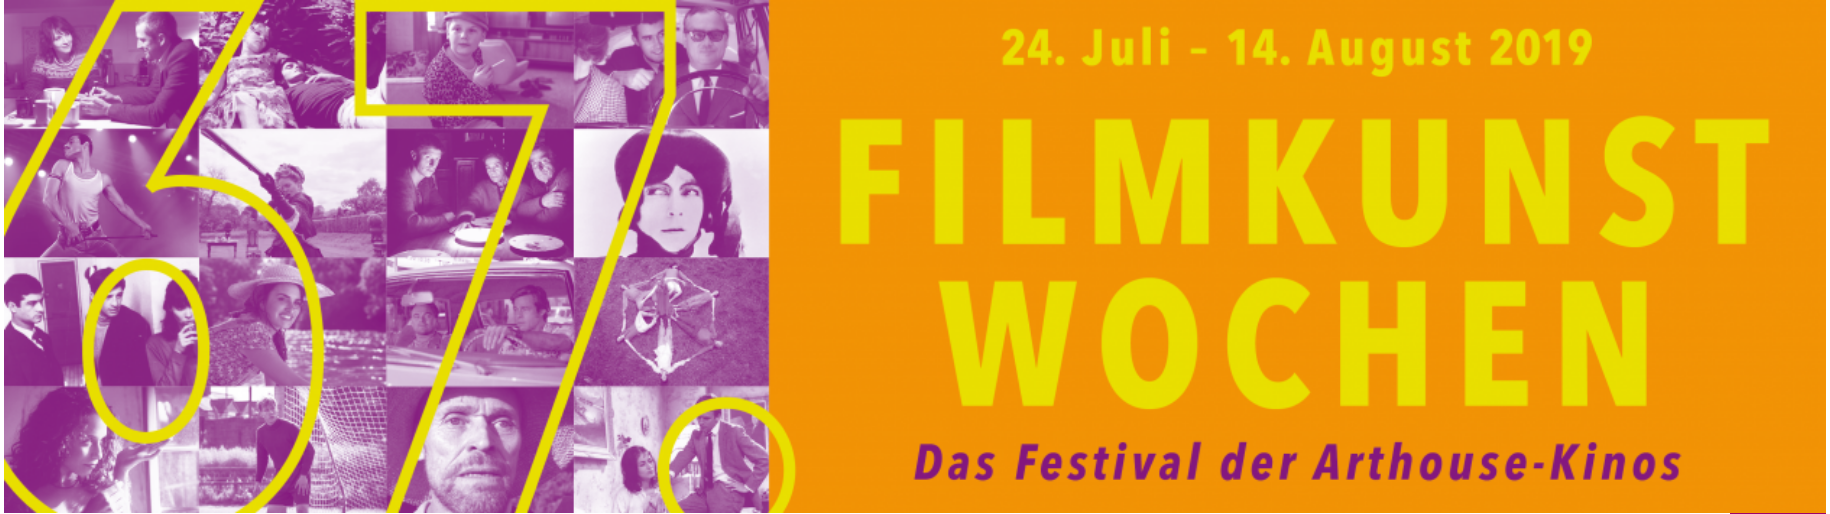 Header der Filmkunstwochen unter www.filmkunstwochen-muenchen.de